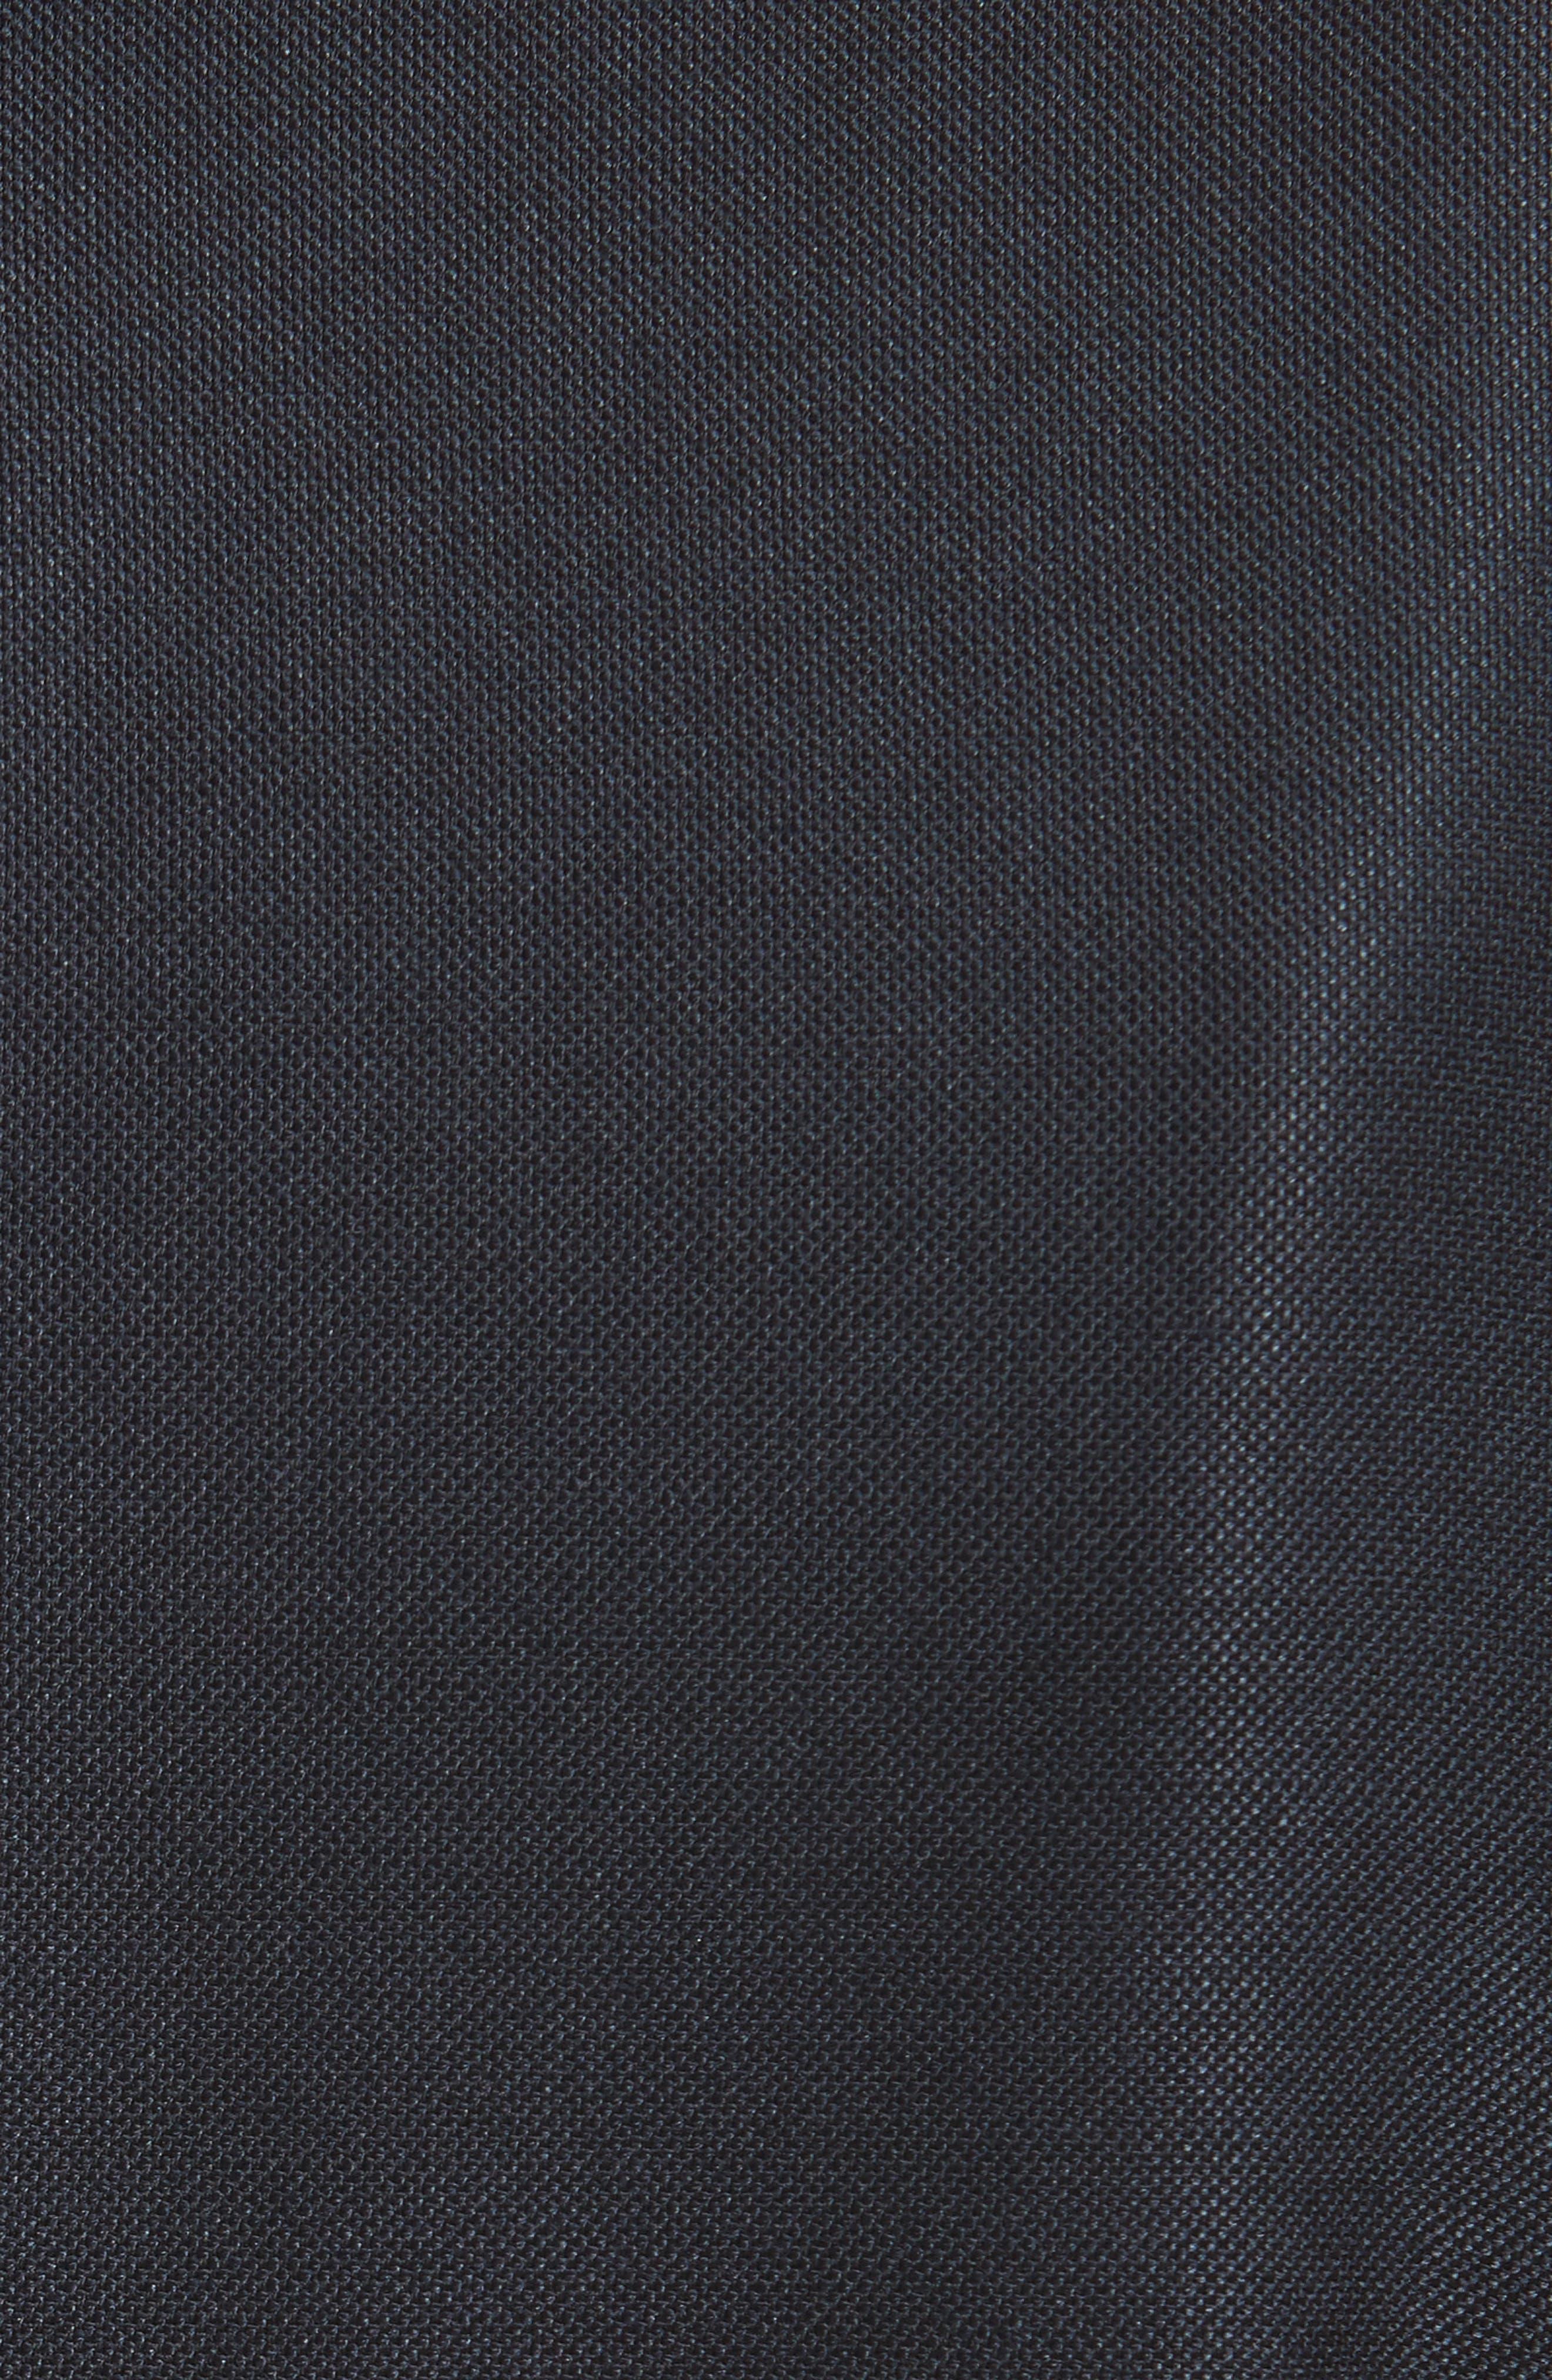 Alternate Image 5  - St. John Collection Stretch Birdseye Sheath Dress